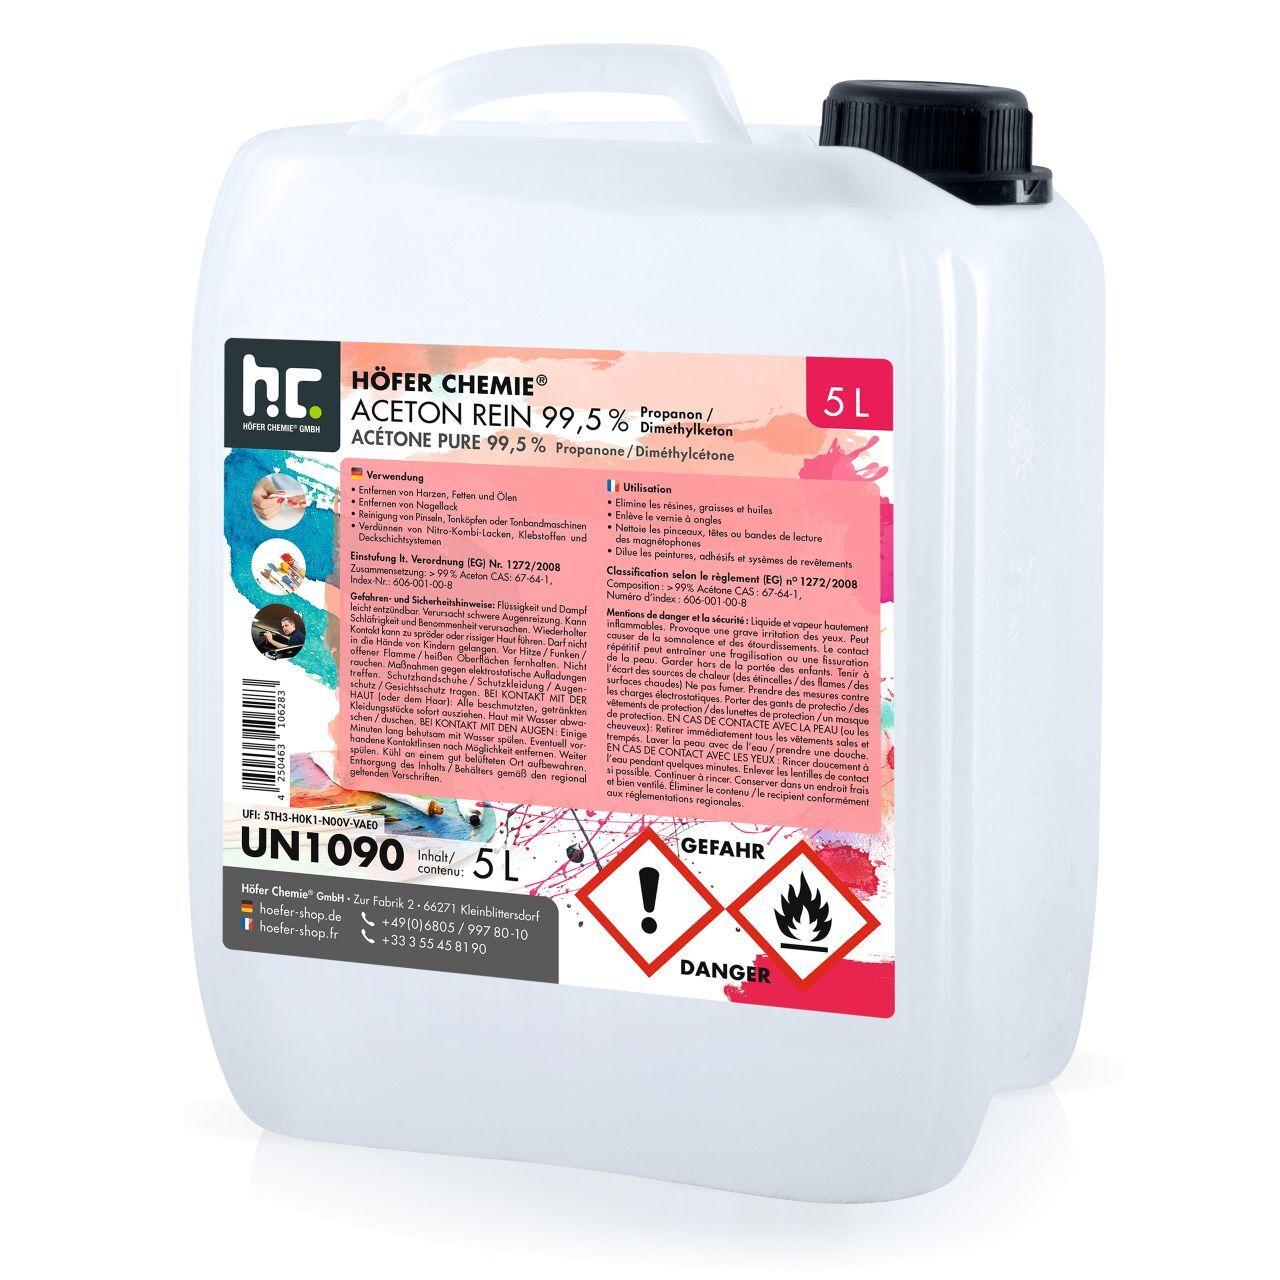 Höfer Chemie 20 l Acétone pur 99,5% (4 x 5 l)